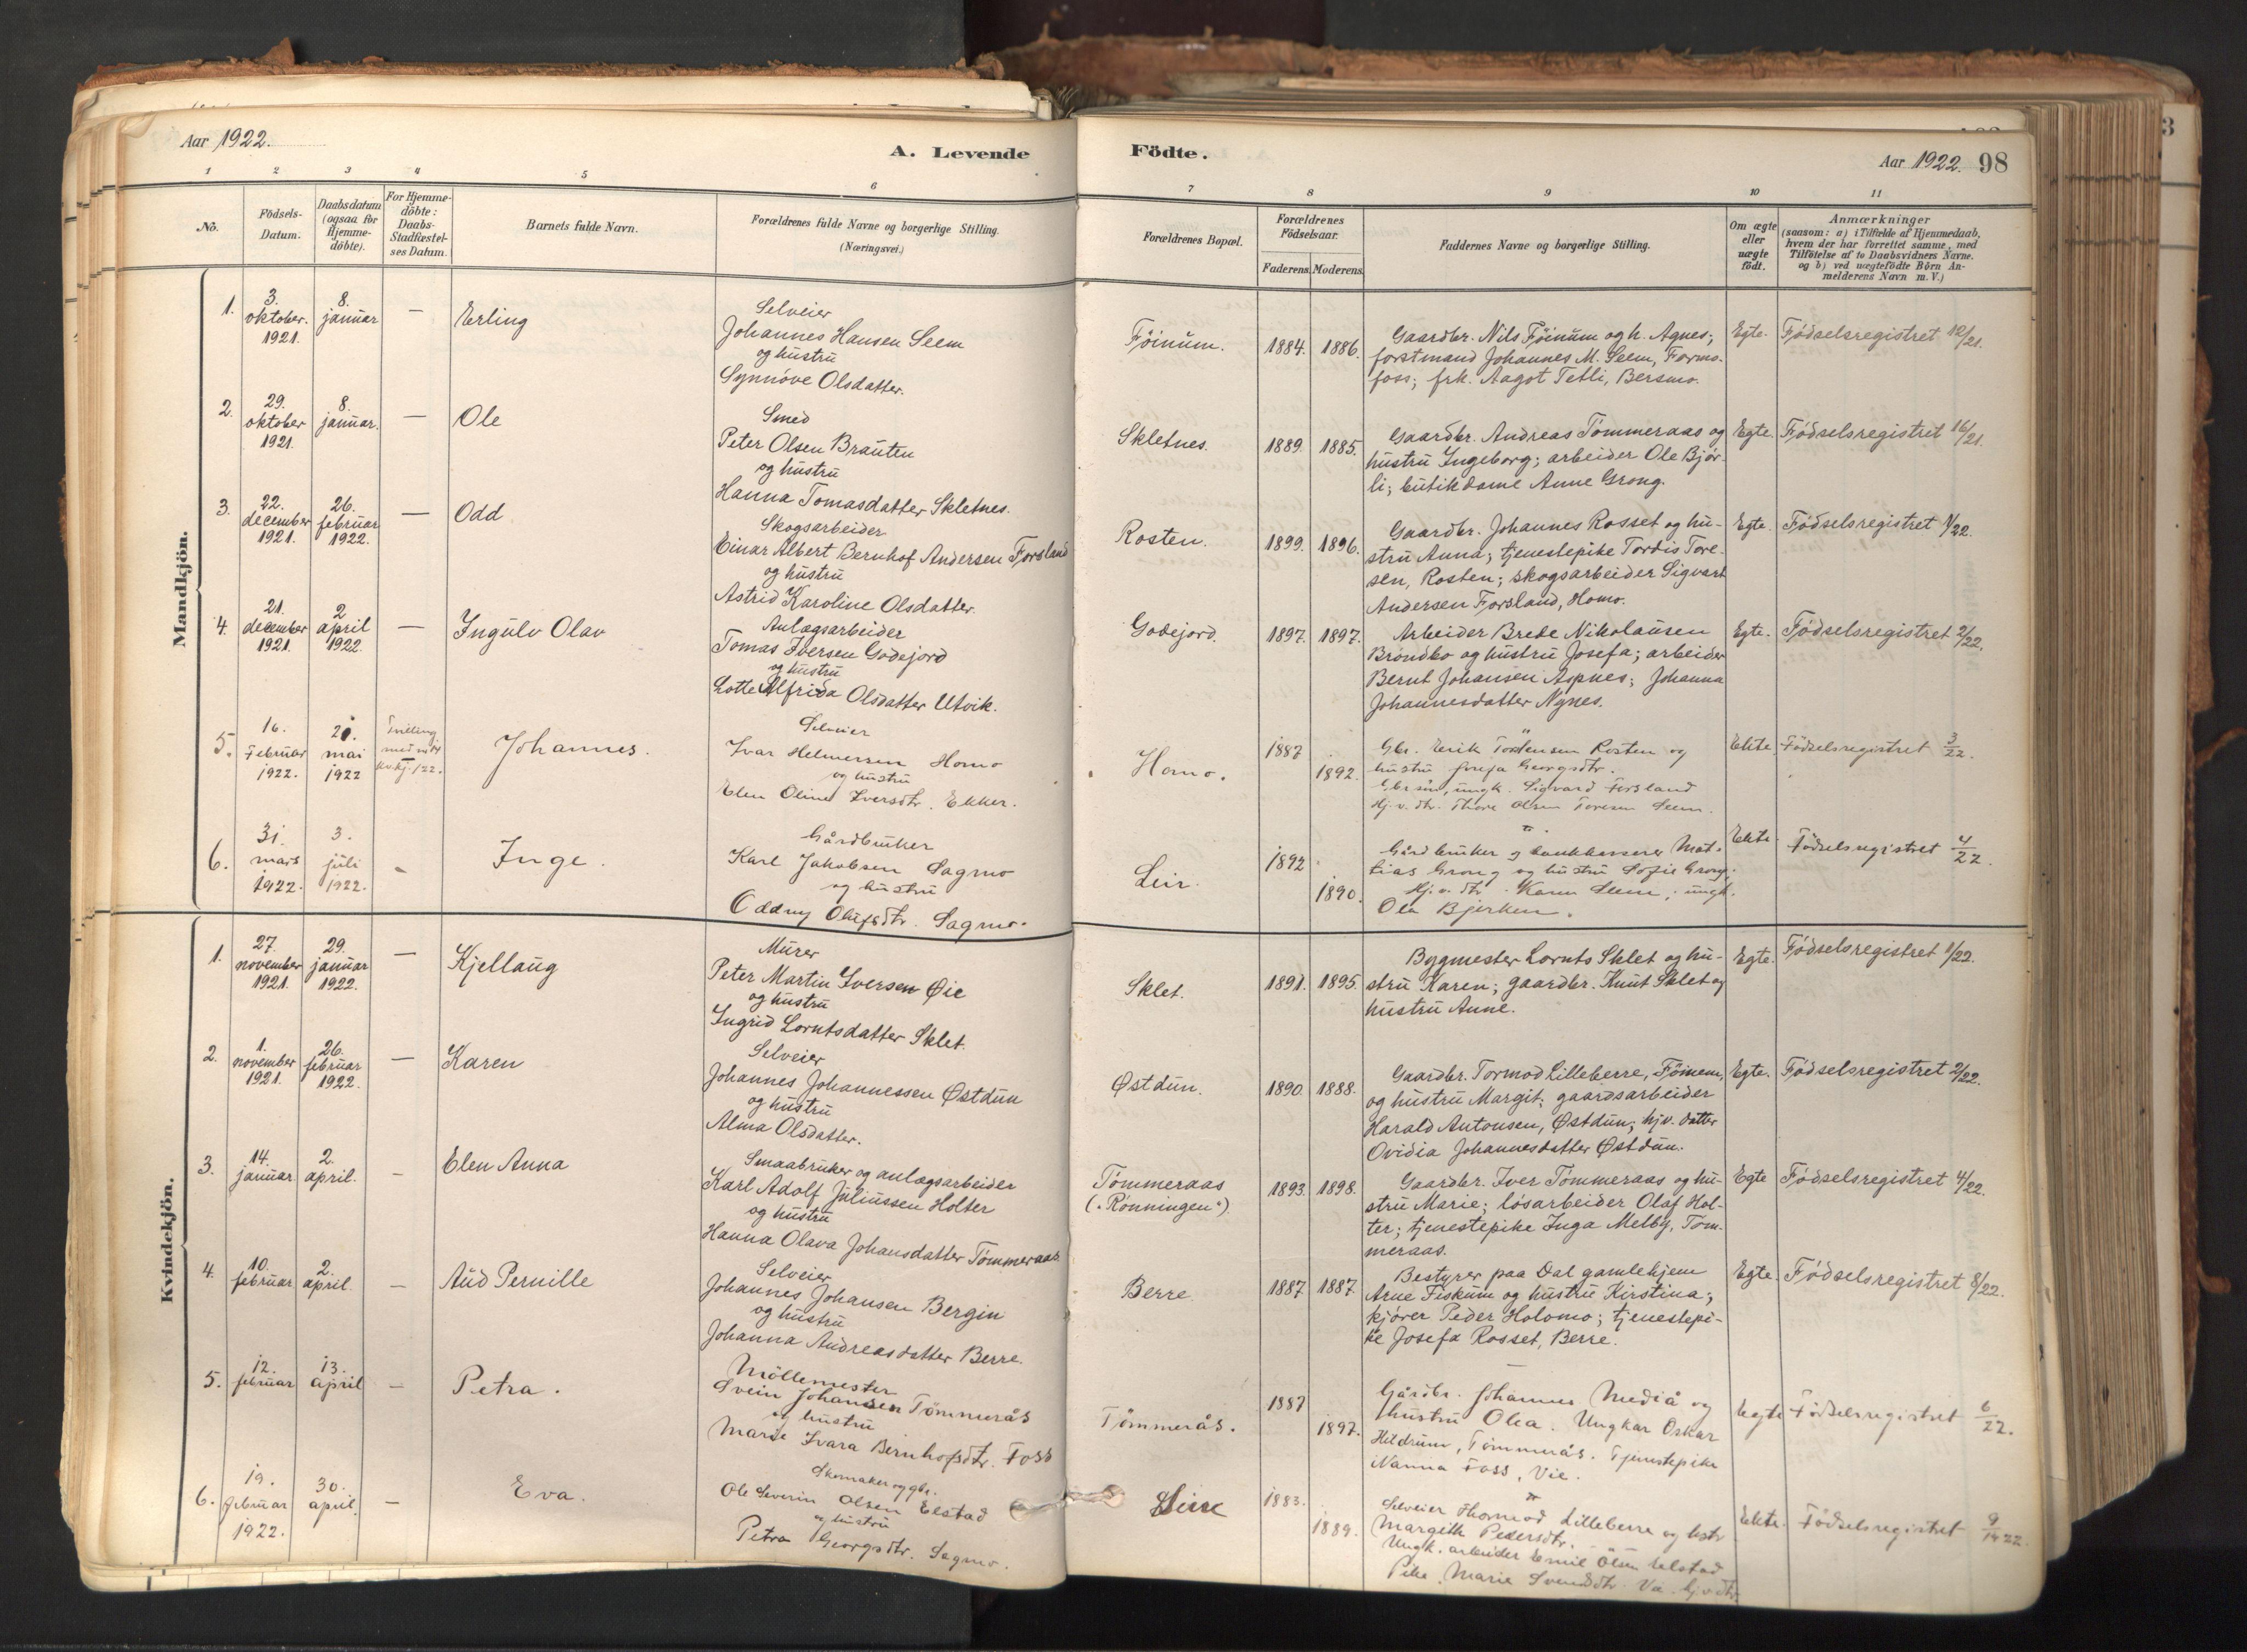 SAT, Ministerialprotokoller, klokkerbøker og fødselsregistre - Nord-Trøndelag, 758/L0519: Ministerialbok nr. 758A04, 1880-1926, s. 98